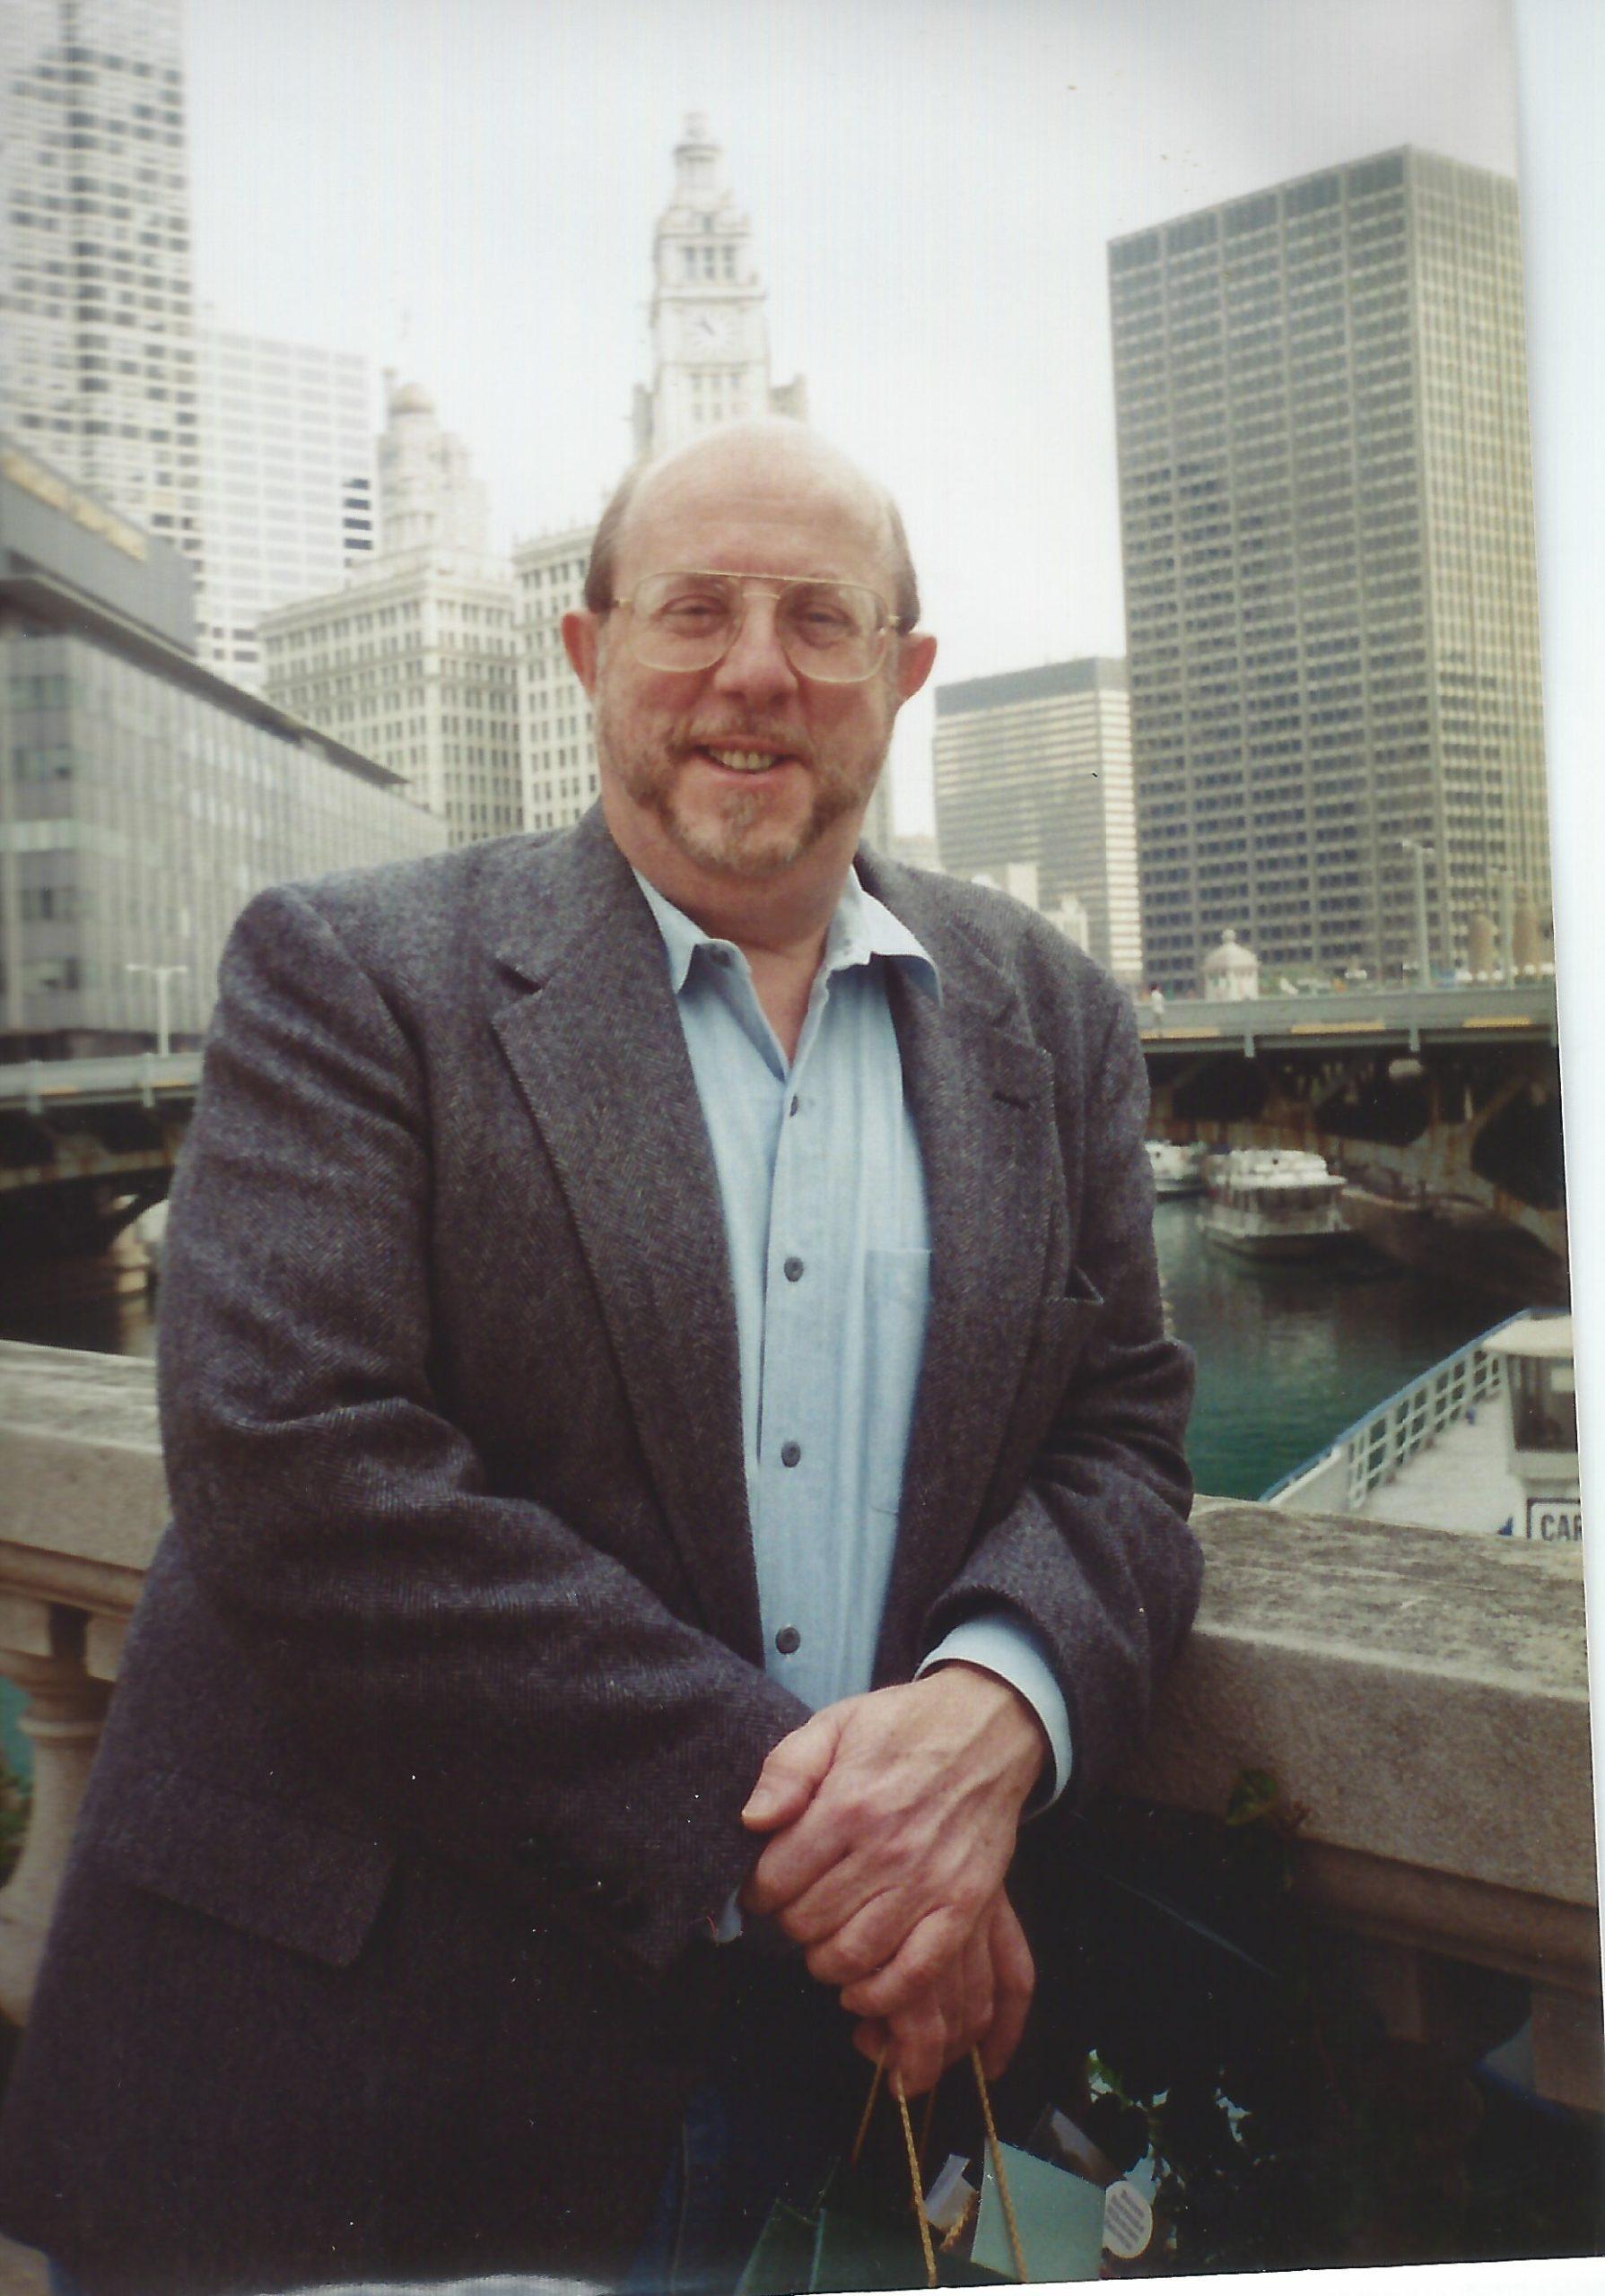 Hank Beck